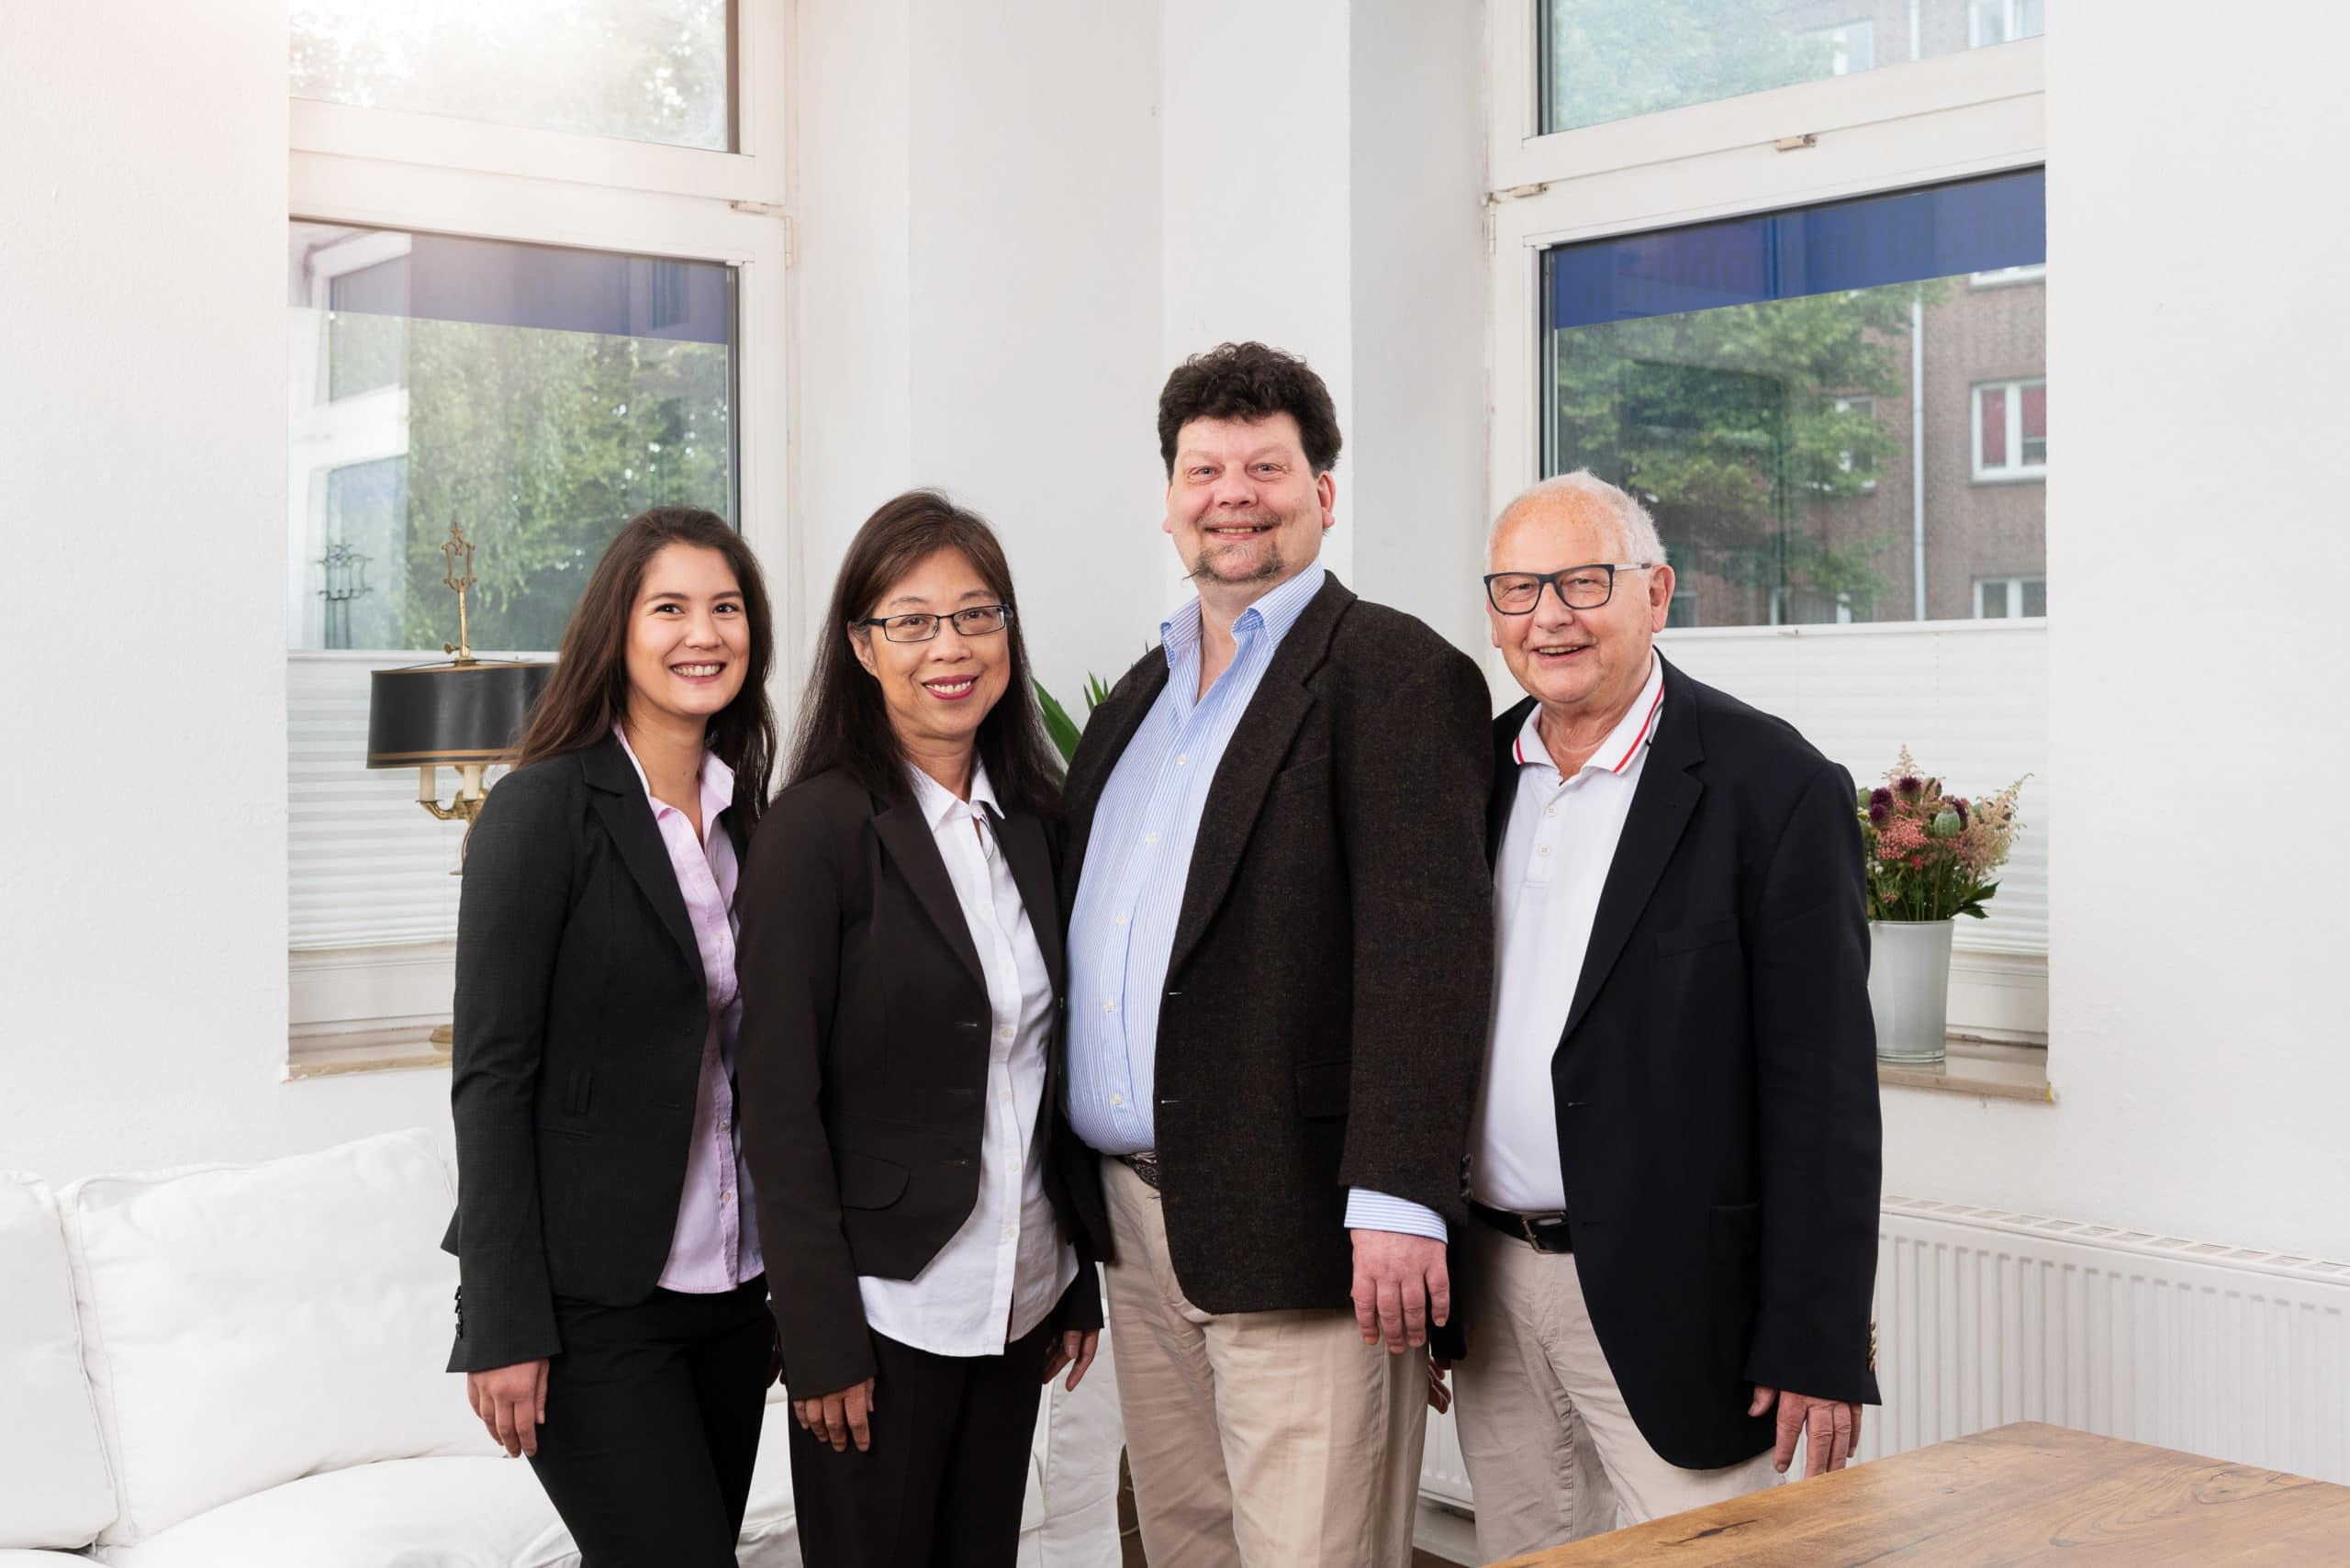 Teamfoto eines Unternehmens für Immobilienverwaltung und Maklers in Hamburg |Portraitfotograf für Businessfotografie in Osnabrück Münster Bielefeld NRW Niedersachsen und bundesweit